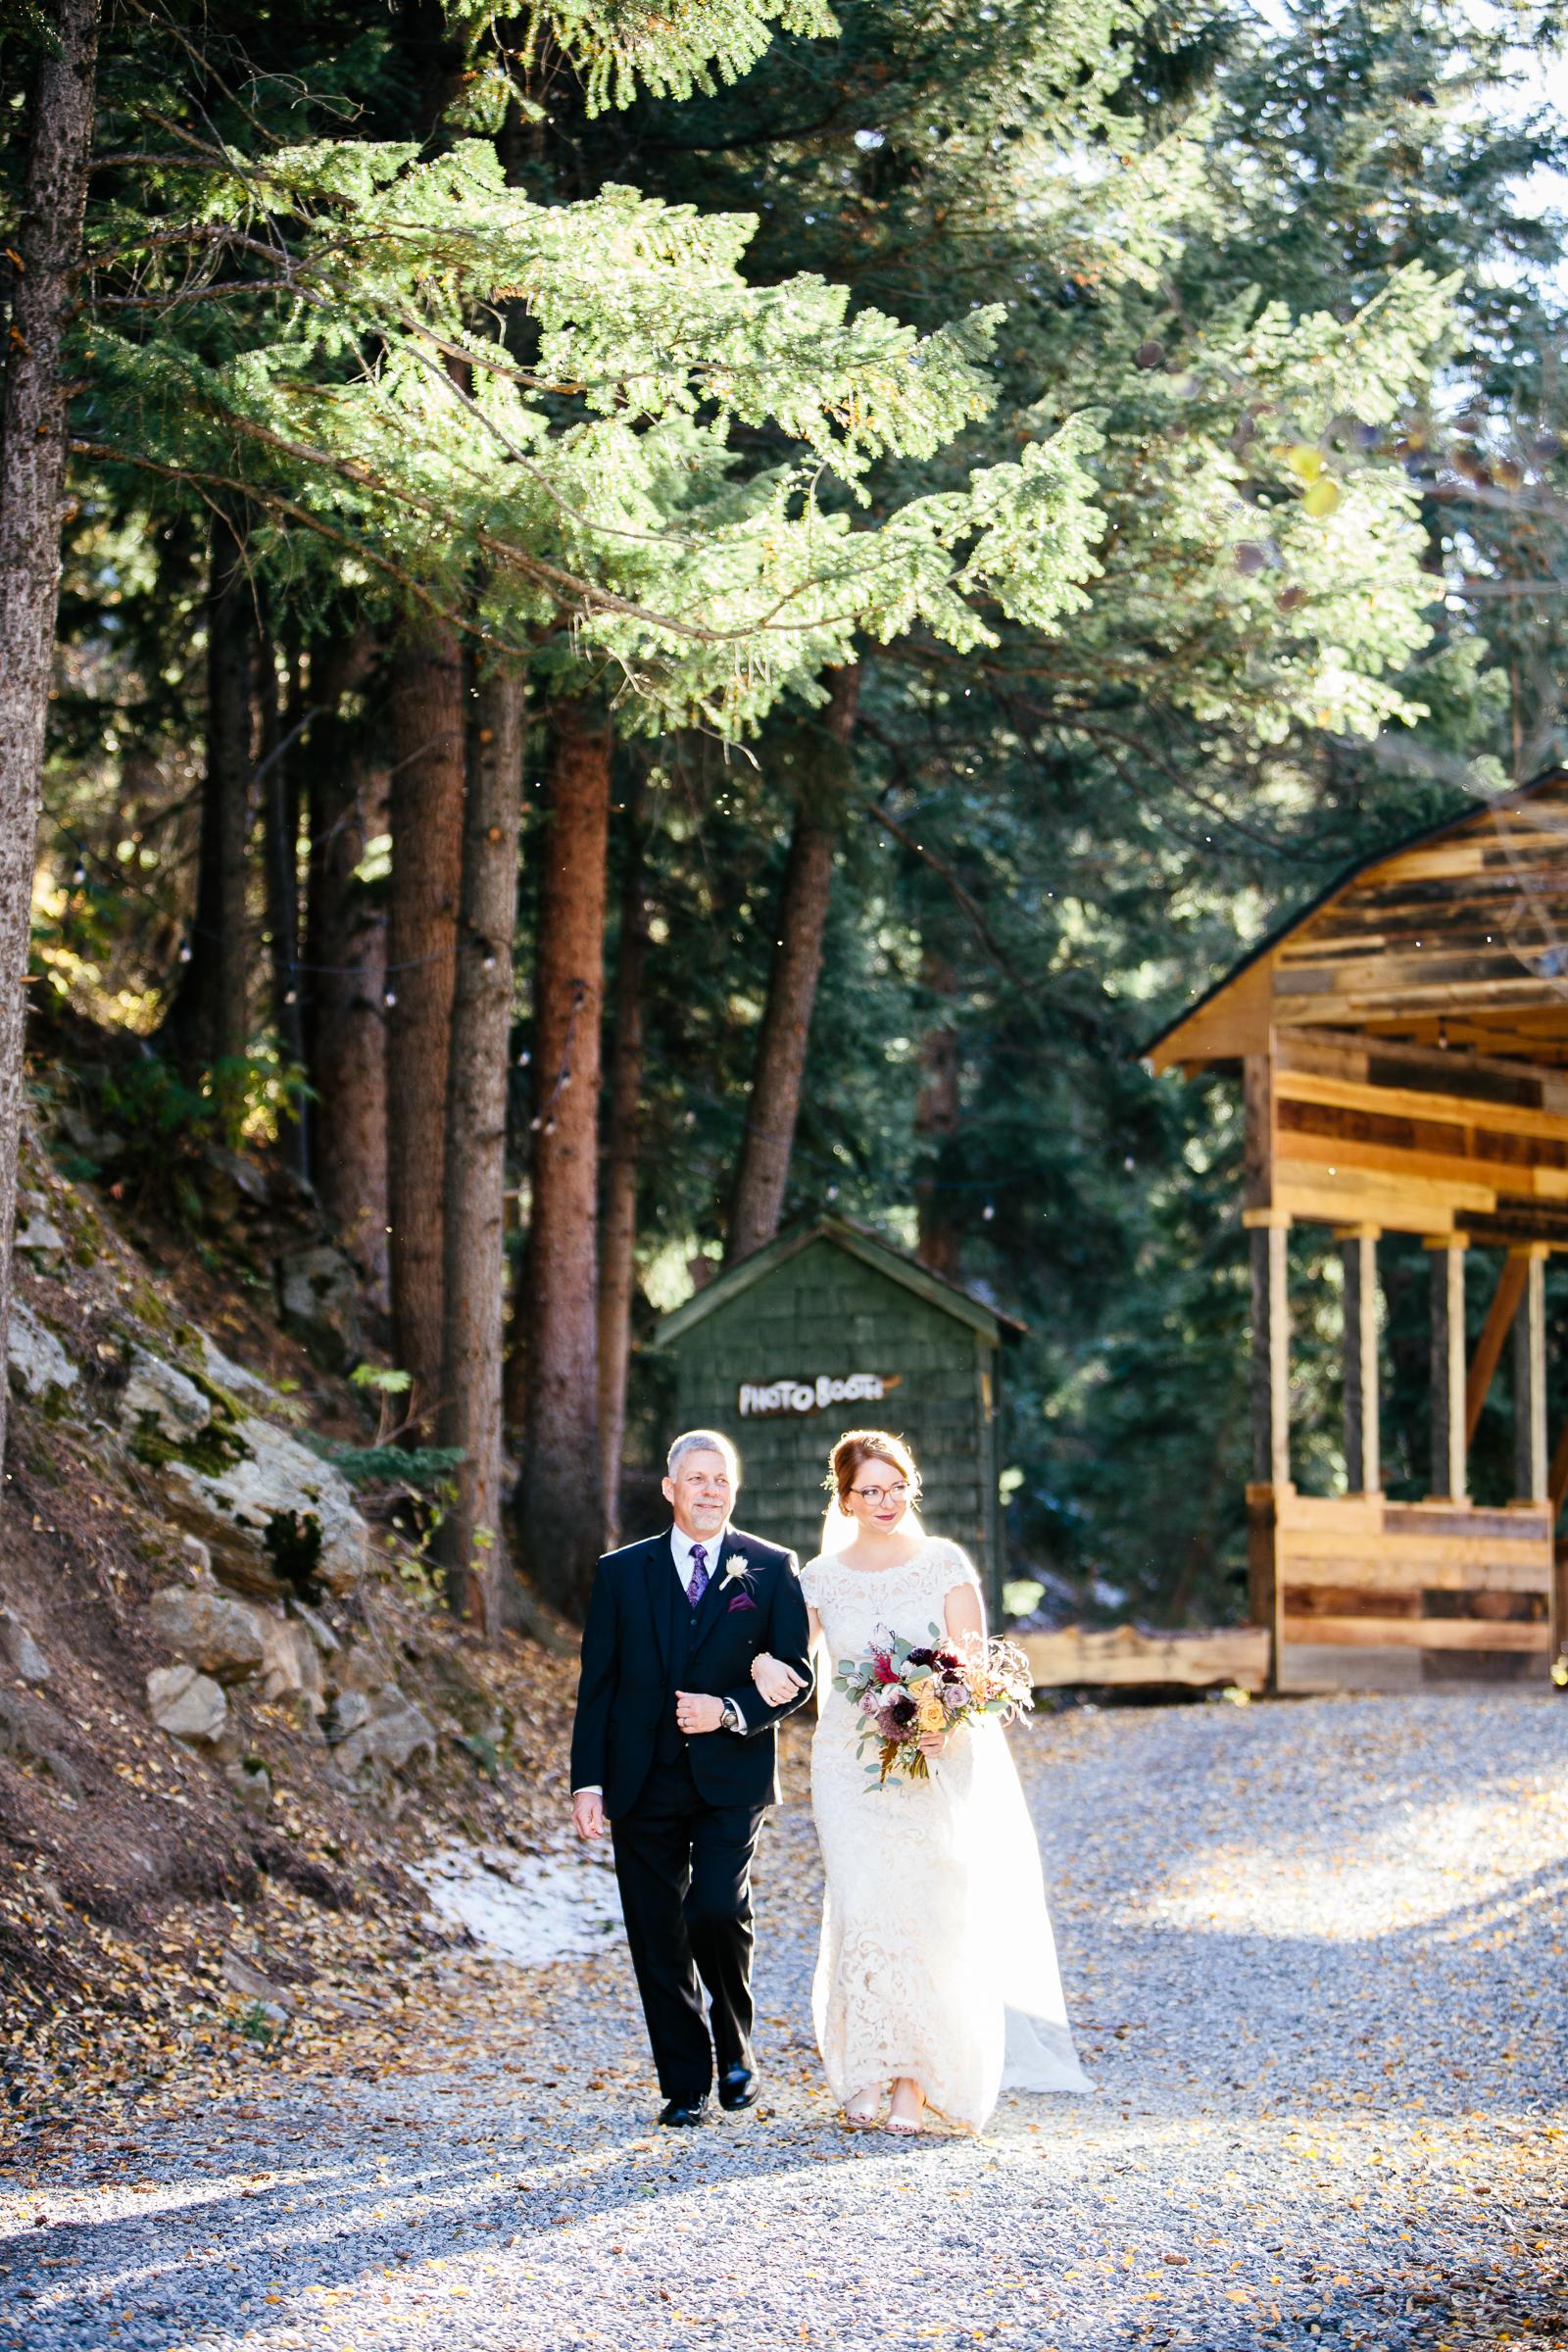 S+S, Married{MWP}-474.jpg